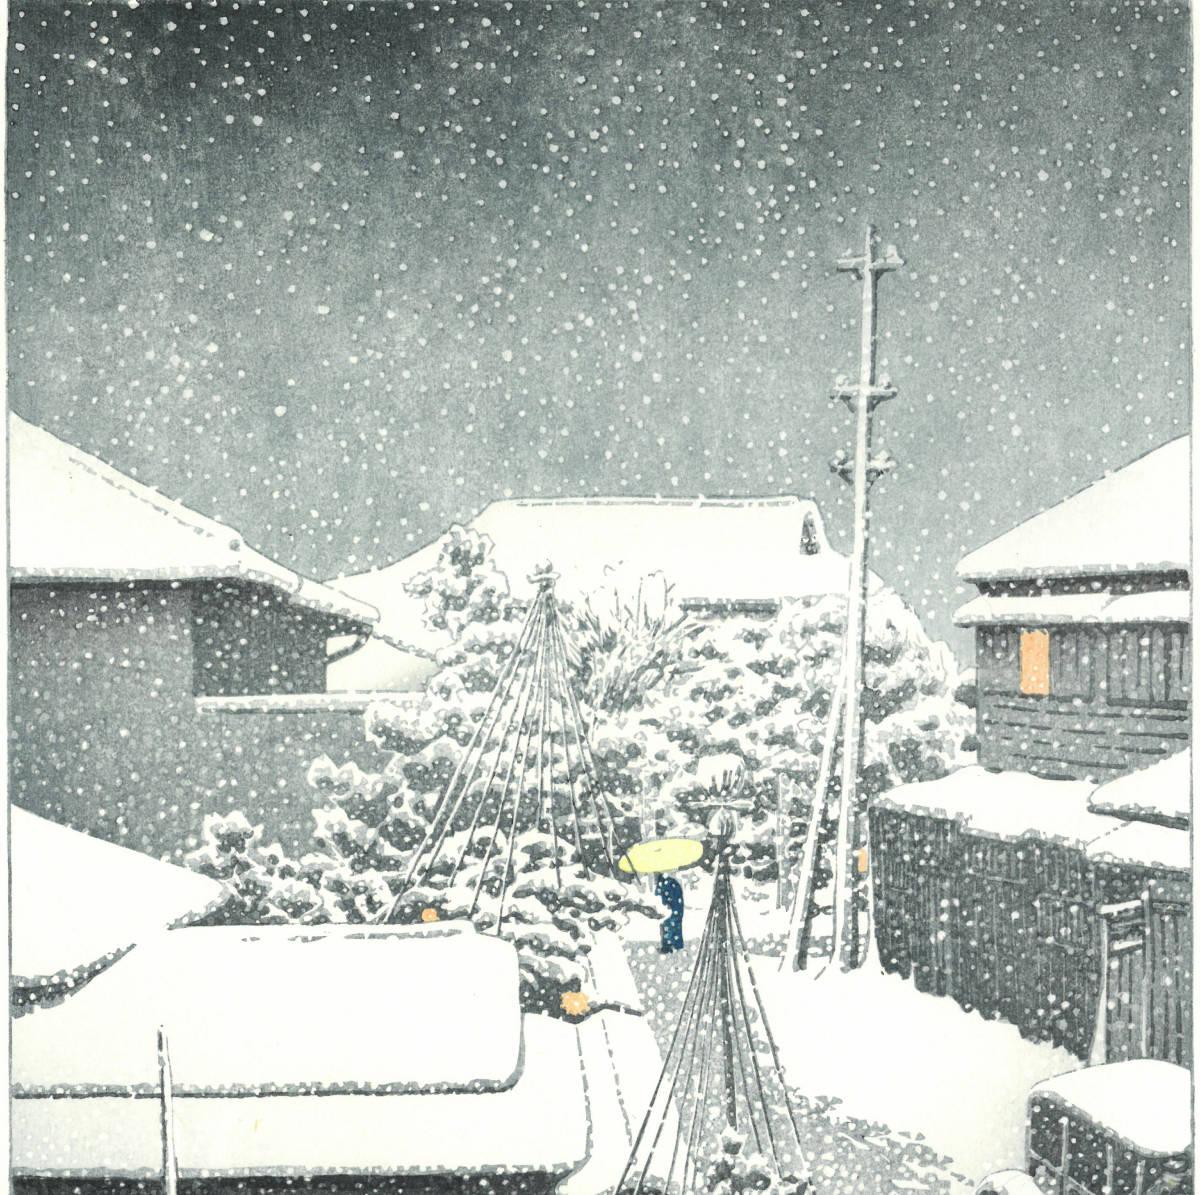 川瀬巴水 木版画  HKS-16 代地の雪  初版 1925年 大正14年2月 (新版画) 一流の摺師の技をご堪能下さい。_画像6